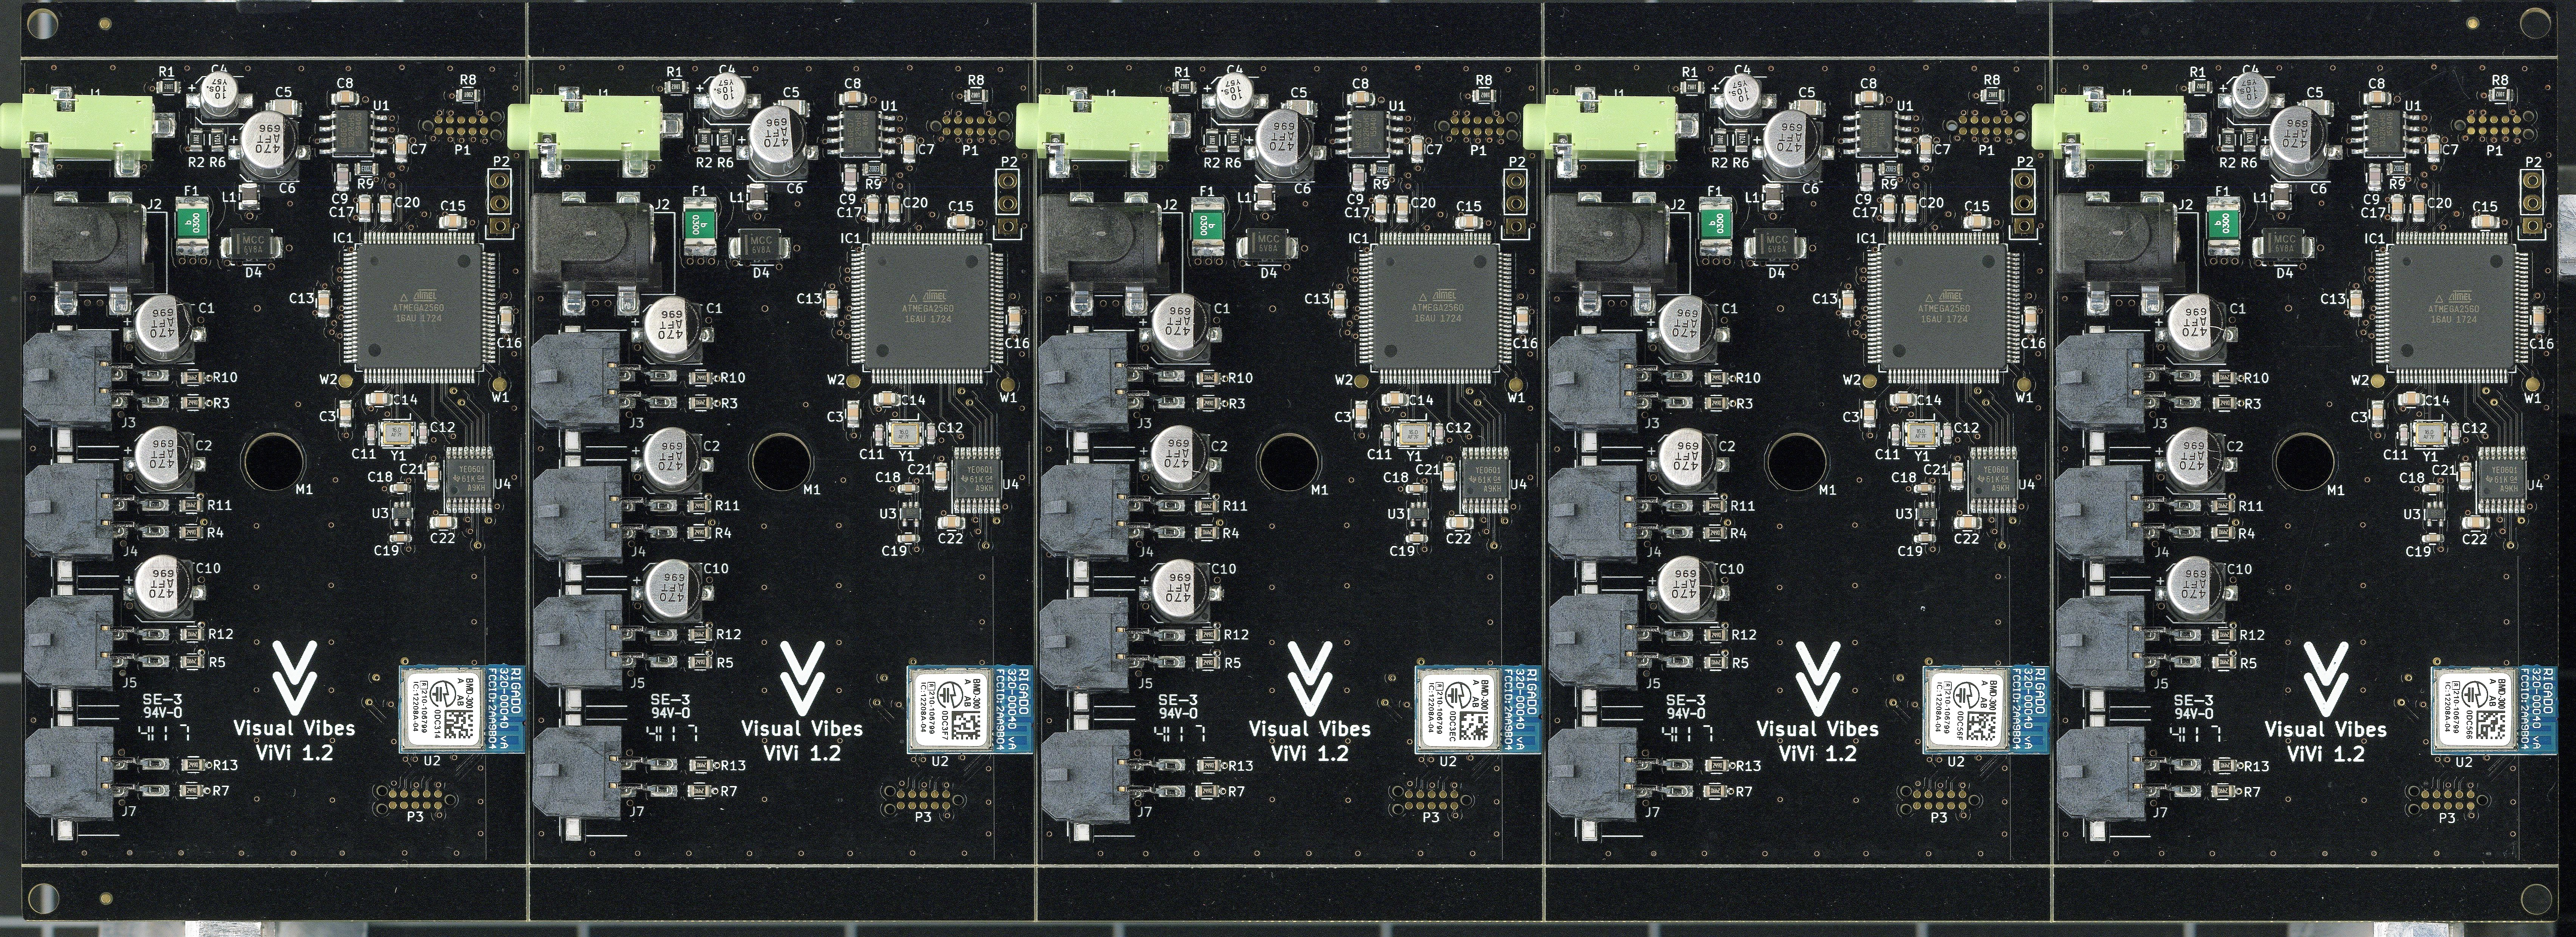 Precision Tech eprotos com/pcb-blog | Precision Tech eprotos com/pcb